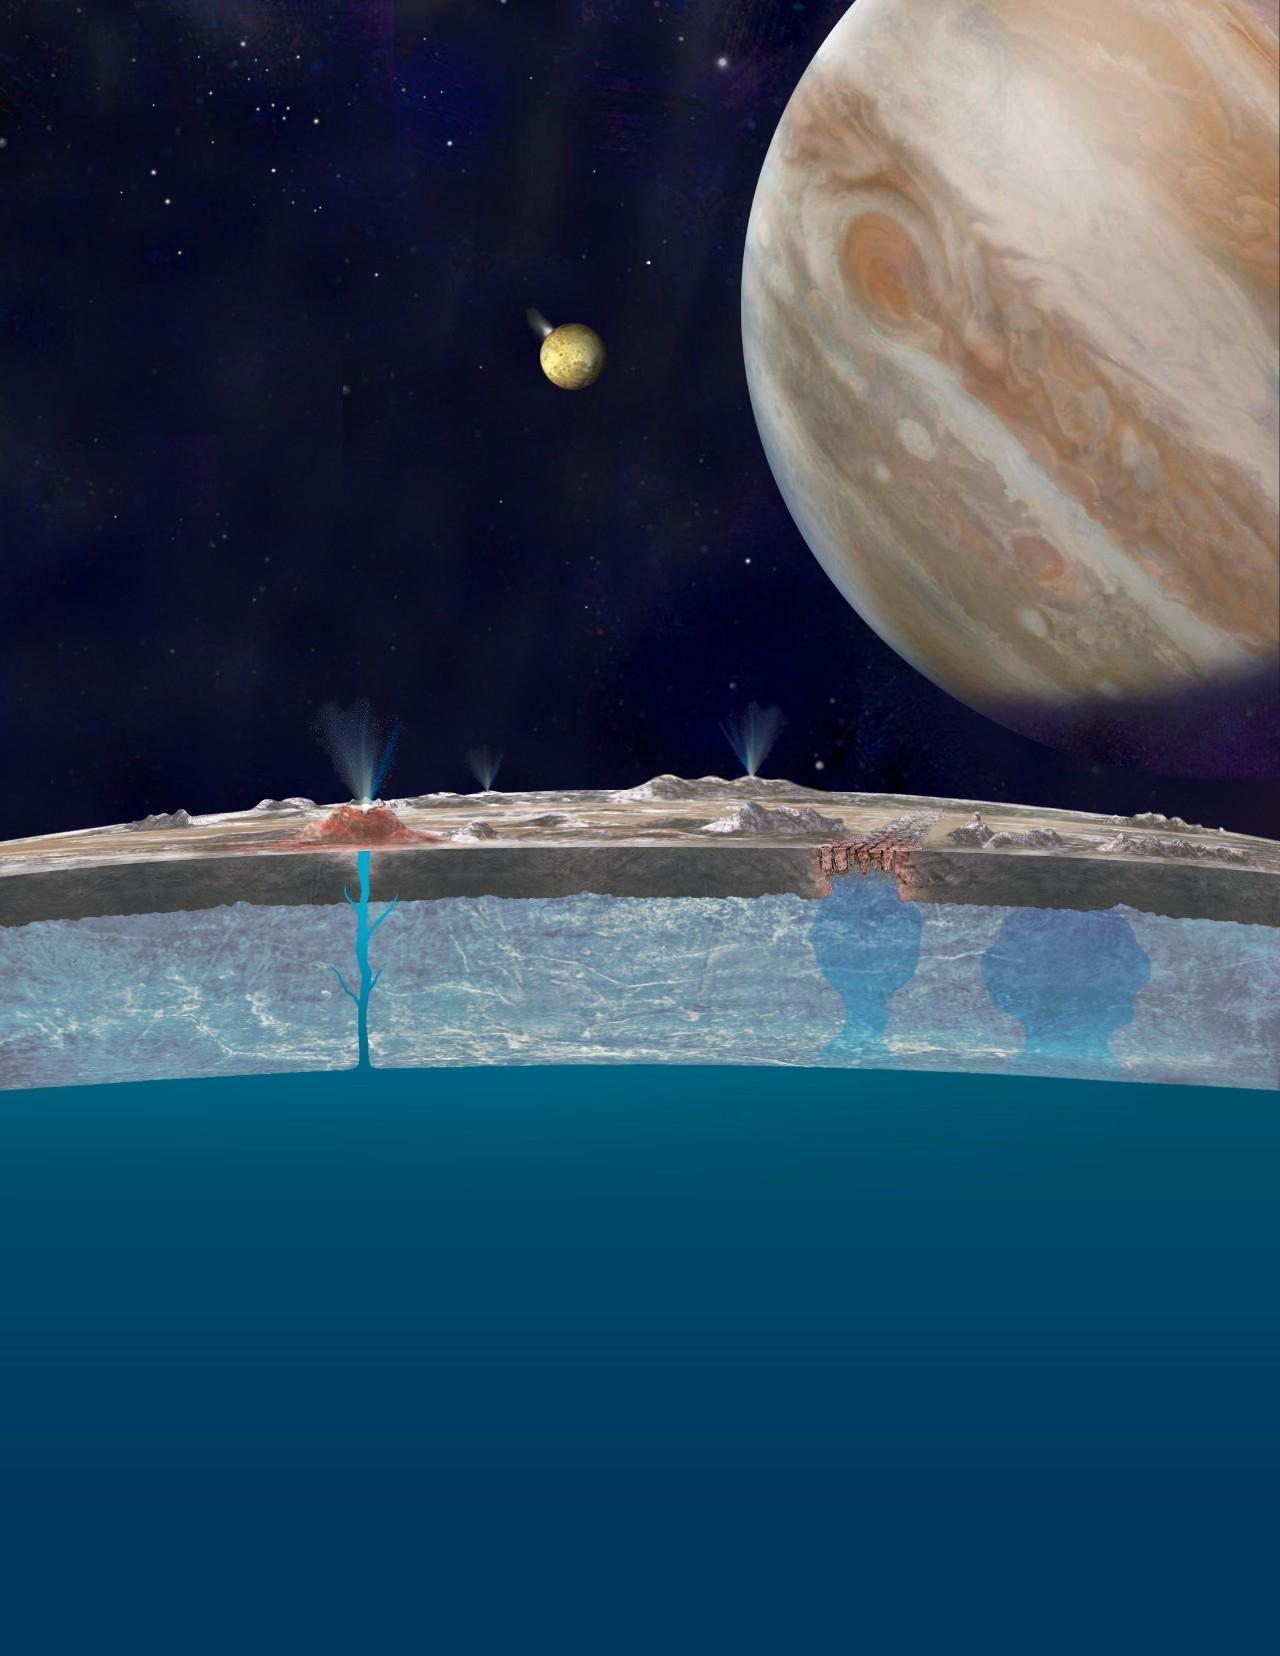 北京时间9月27日凌晨2时,NASA将公布木卫二欧罗巴令人惊奇的活动!